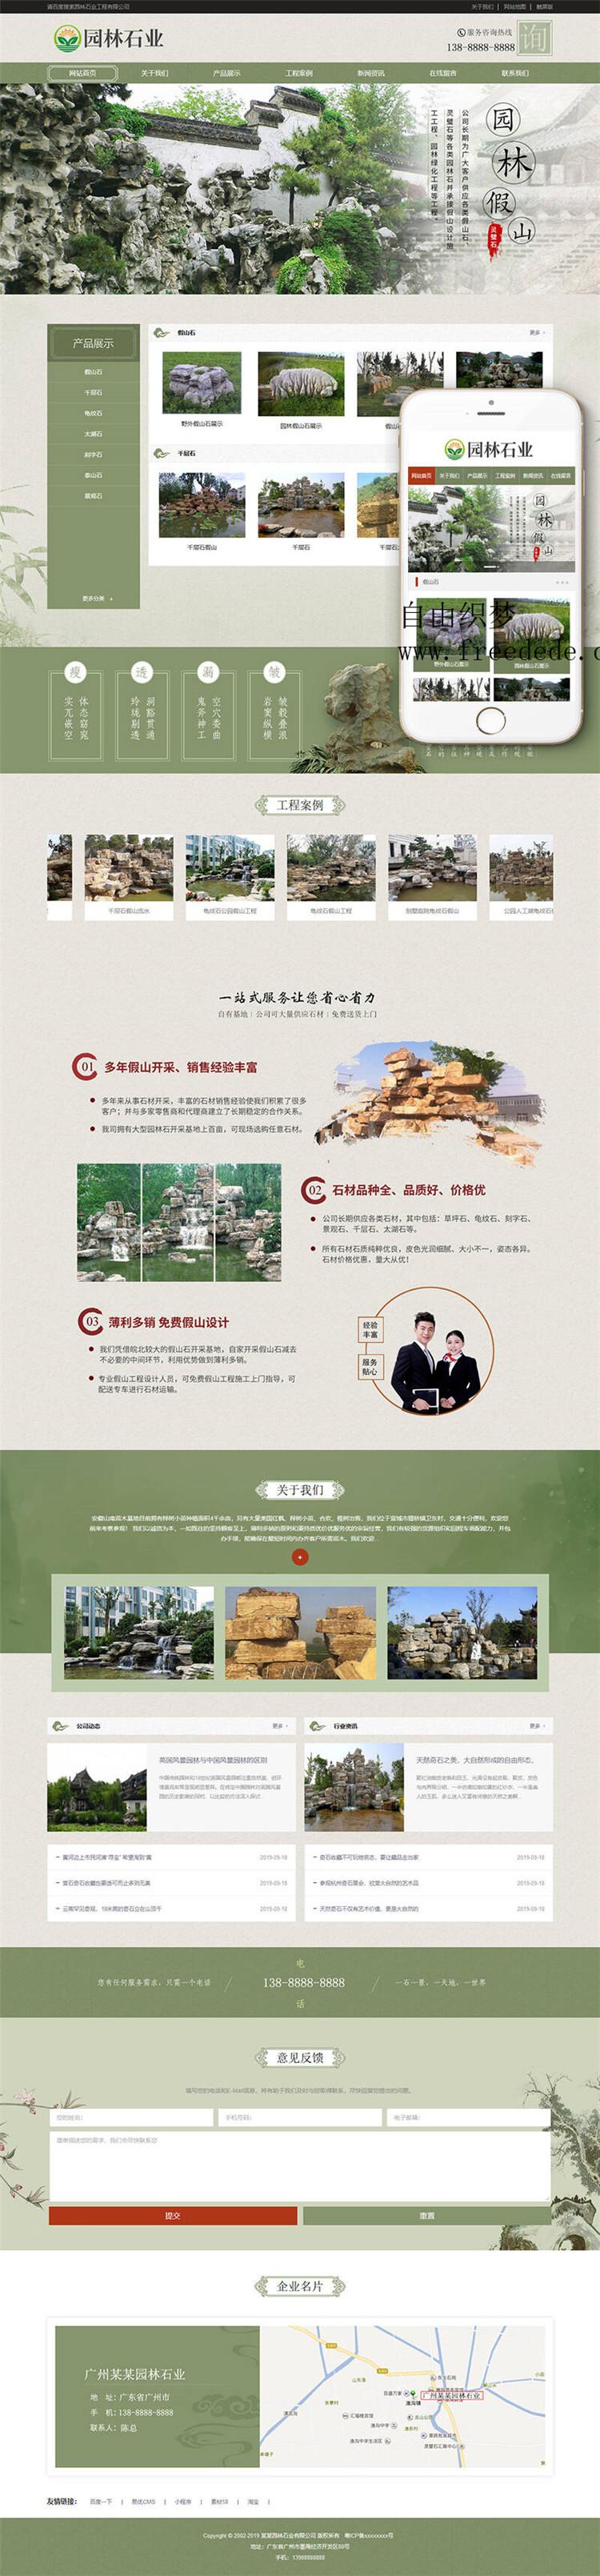 爱上源码网文章dedecms模板下载 中国风古典园林石业类网站织梦模板(带手机端)的内容插图